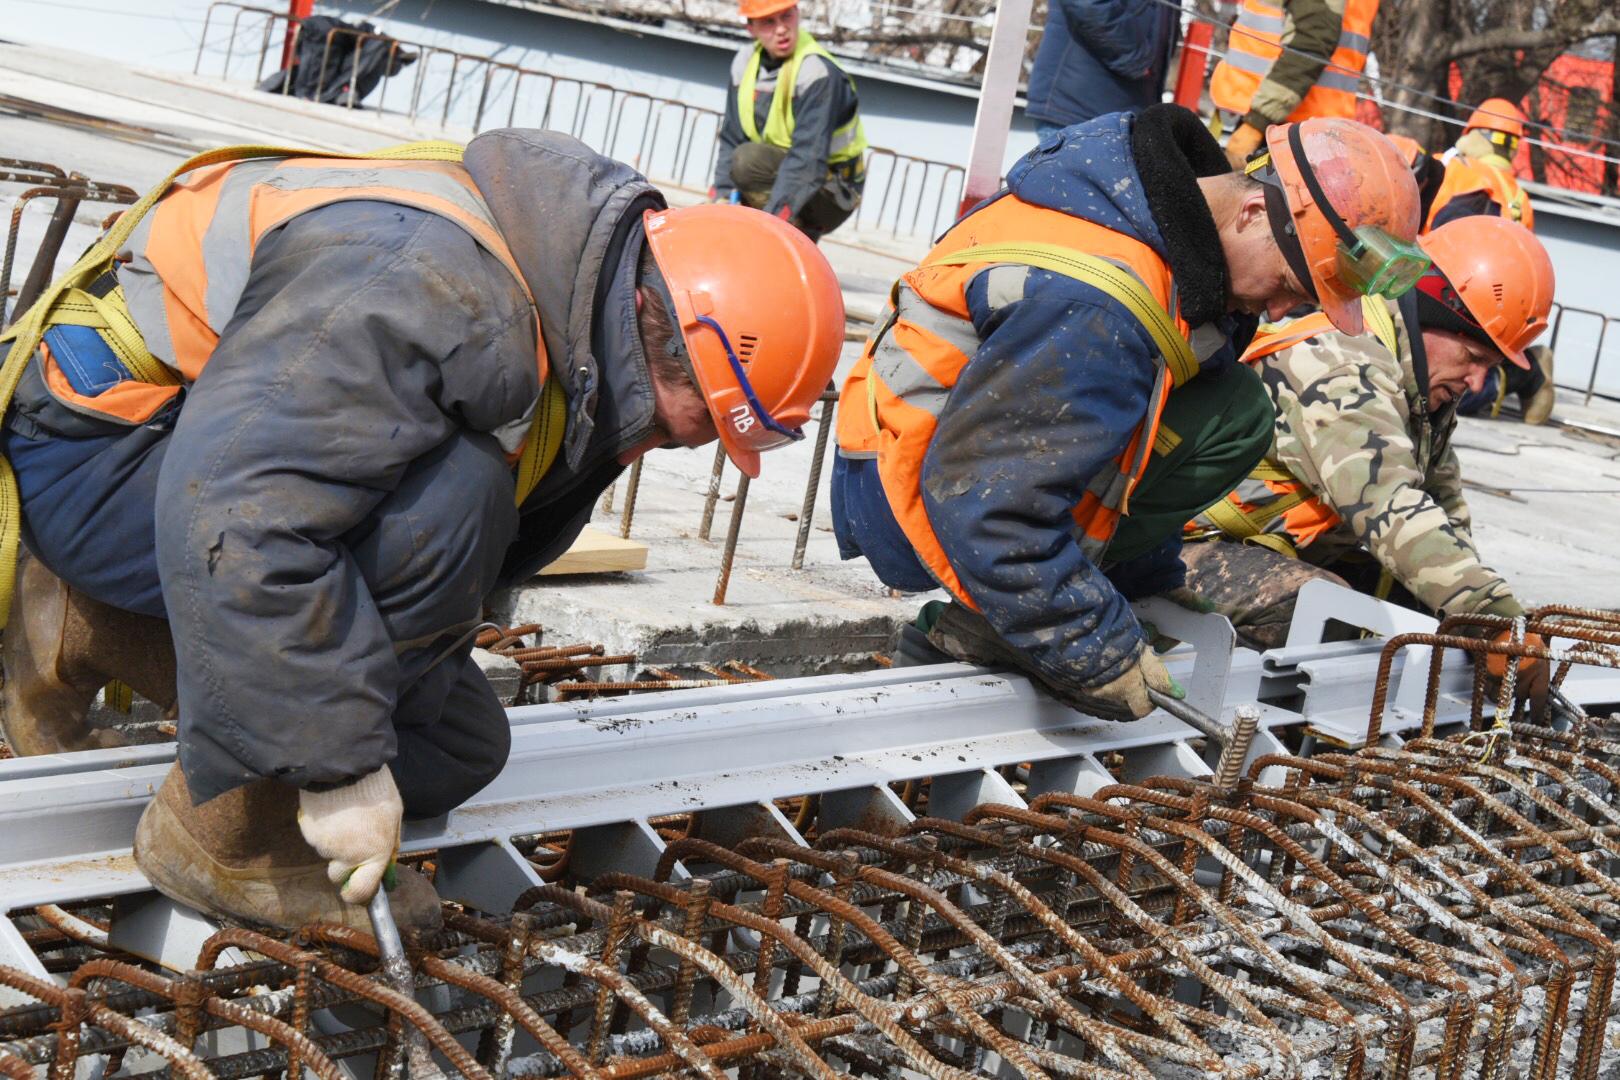 Еще три путепровода построили на соединительной линии МЦК и Курского направления МЖД